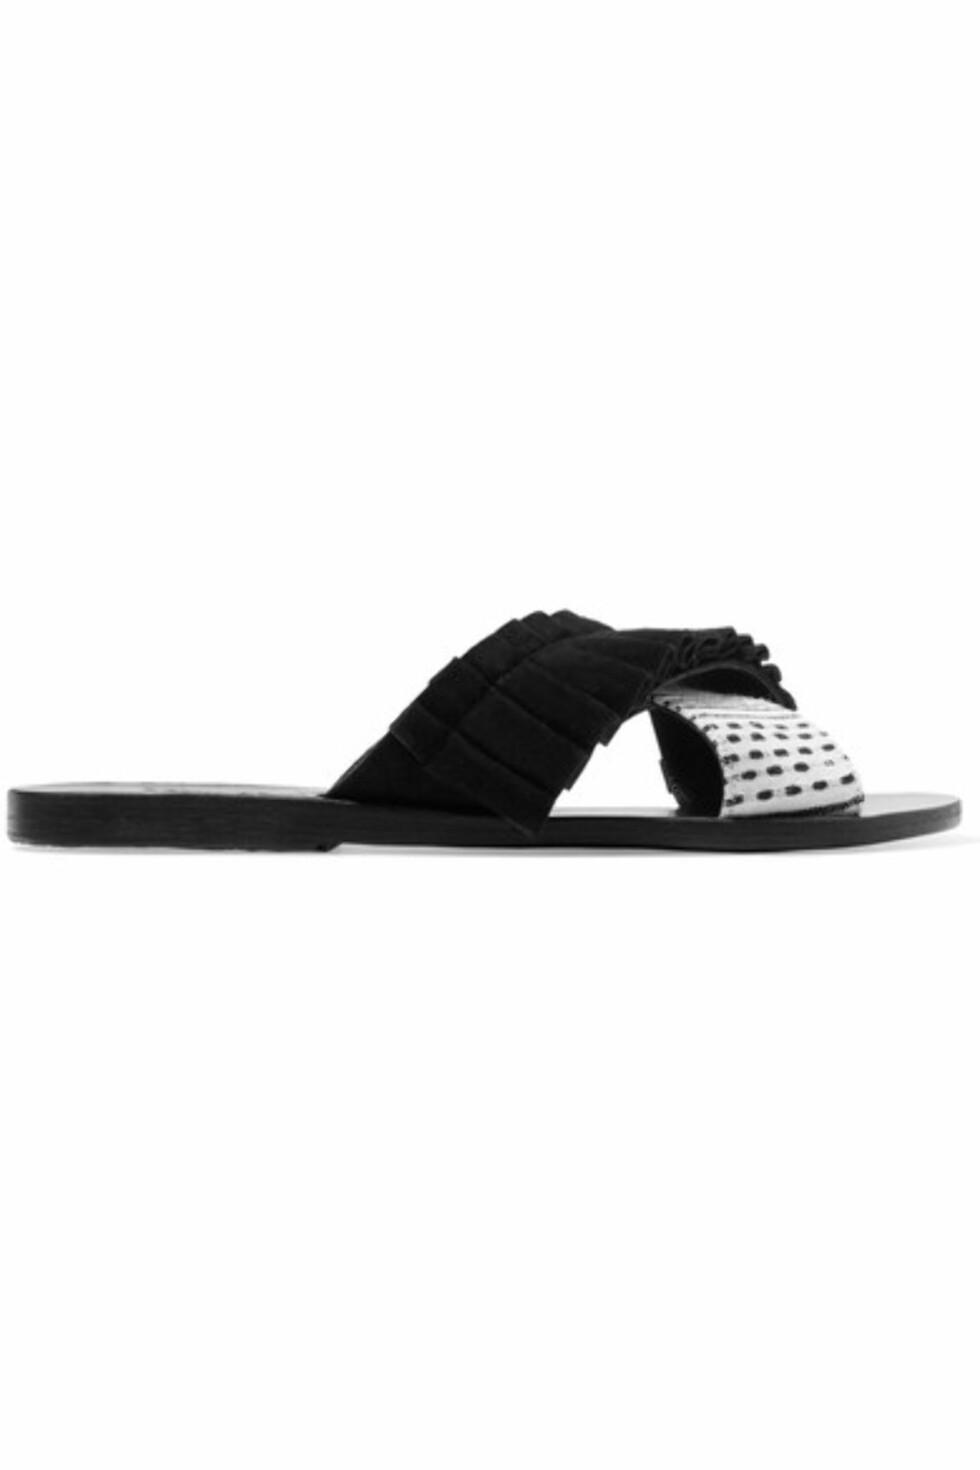 Sandaler fra Ancient Greek Sandals via Net-a-porter.com | kr 2030 | http://apprl.com/no/pd/4Mpi/